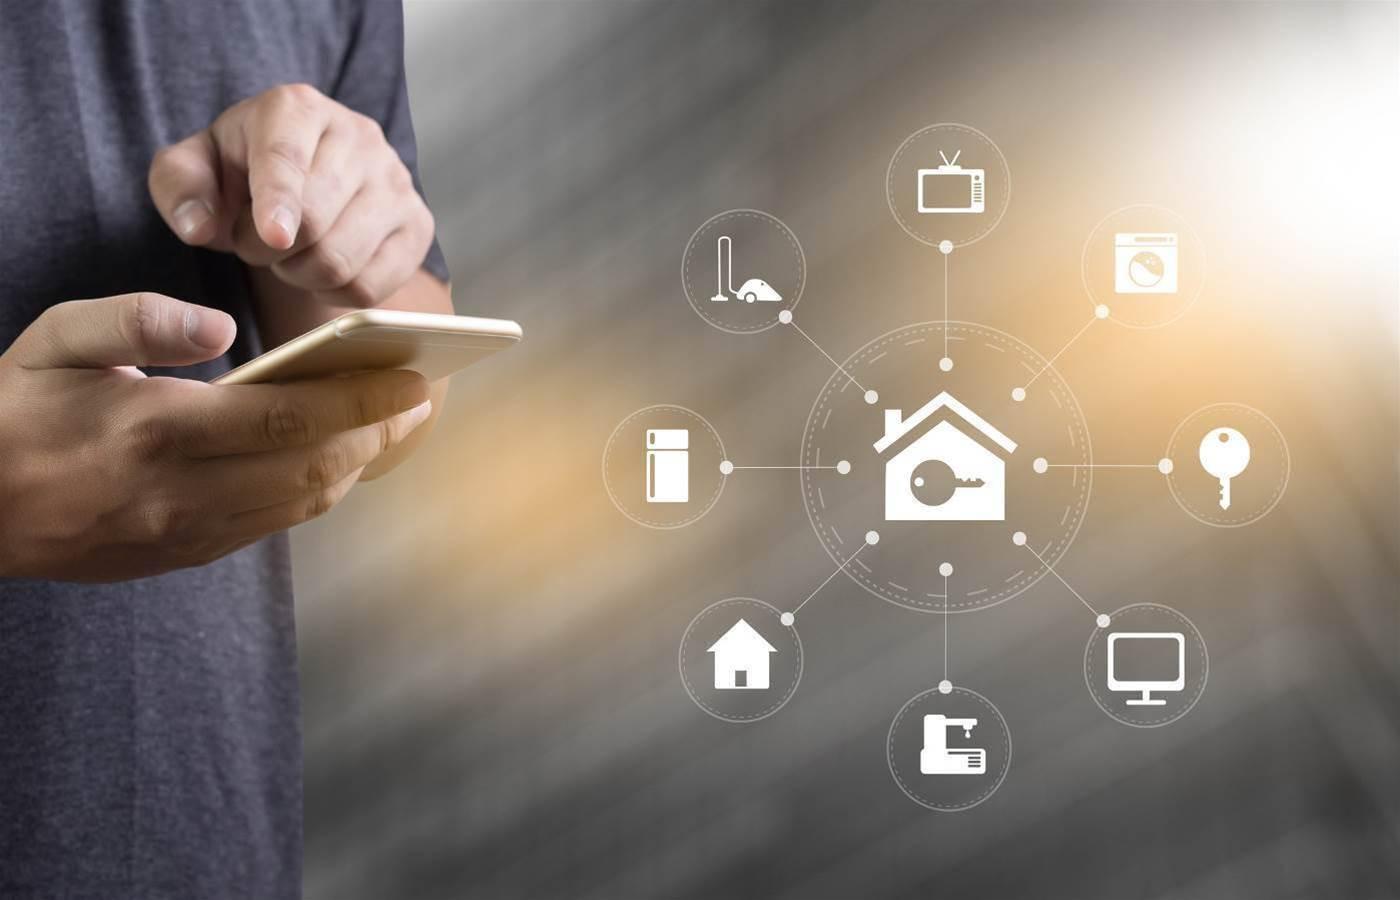 VExpress adds Aussie IoT startup Leash It